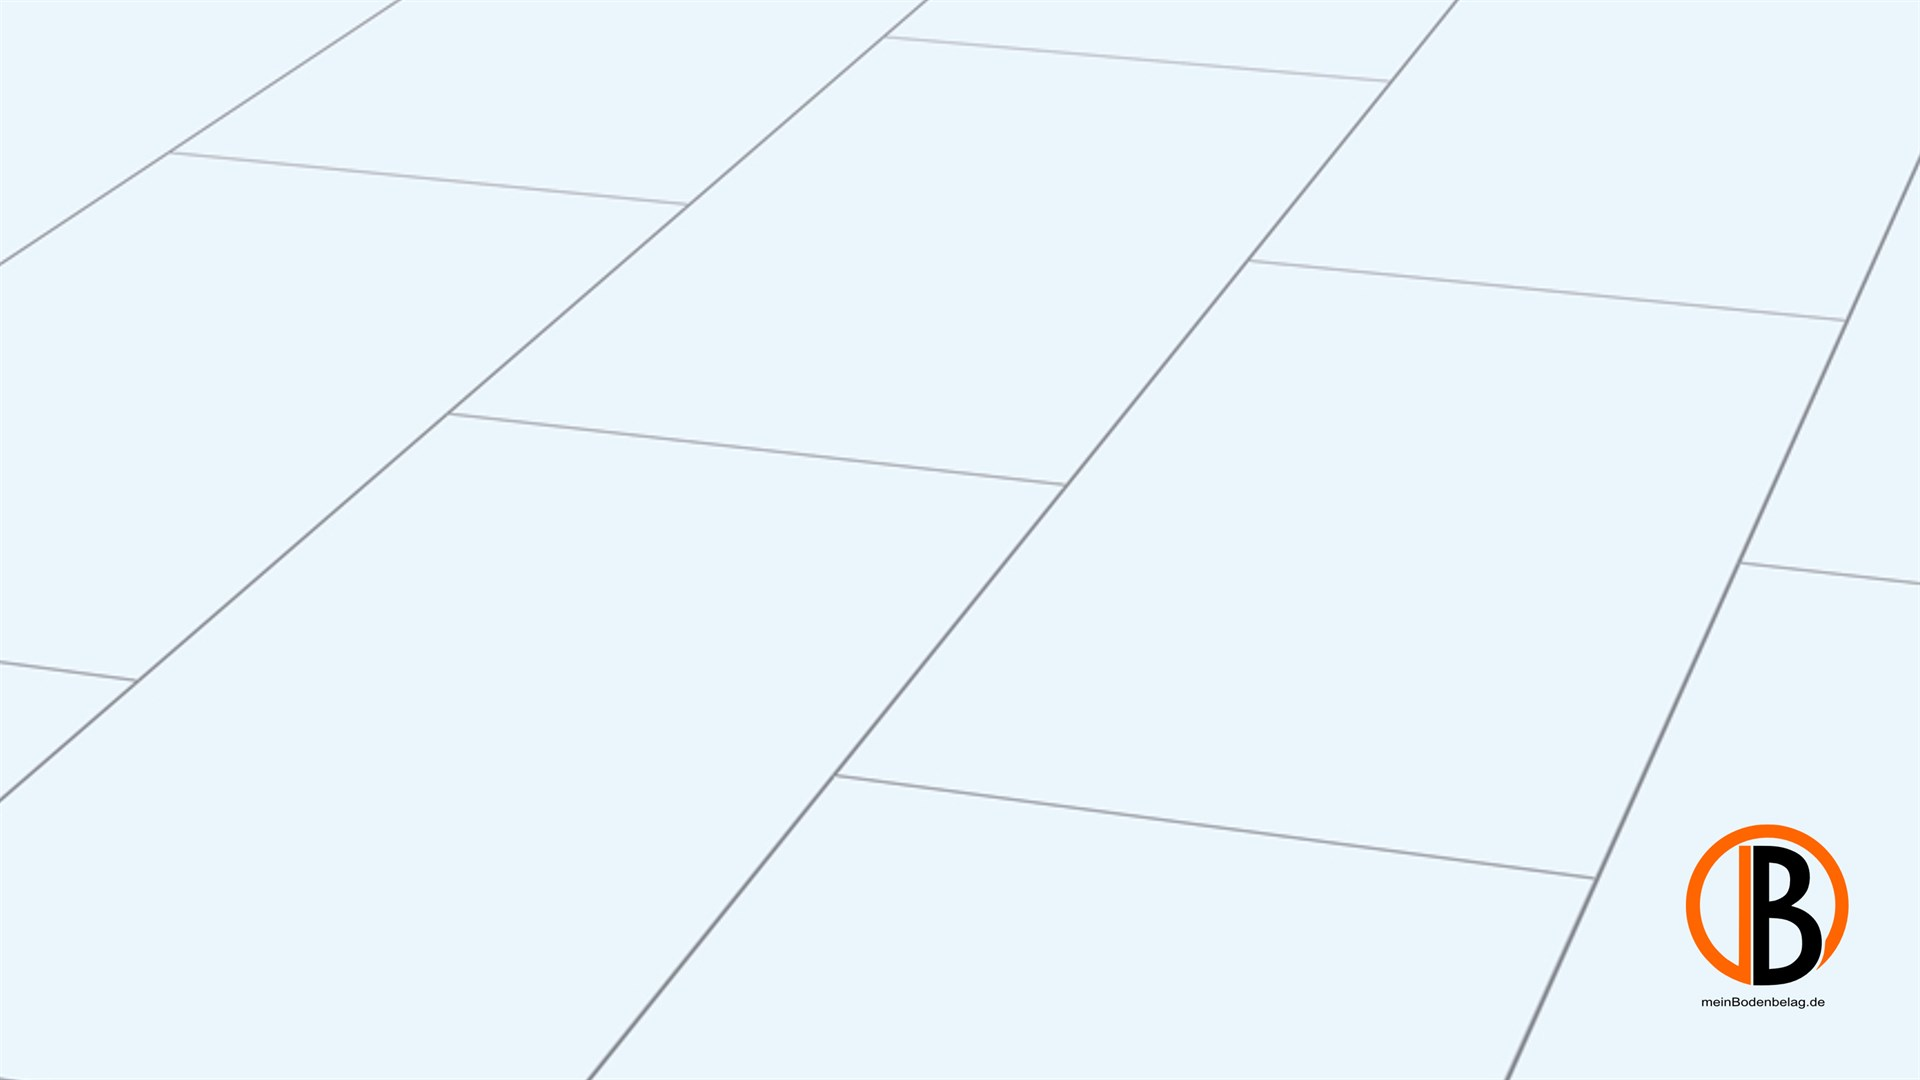 CINQUE KRONOTEX LAMINAT GLAMOUR   10003564;0   Bild 1